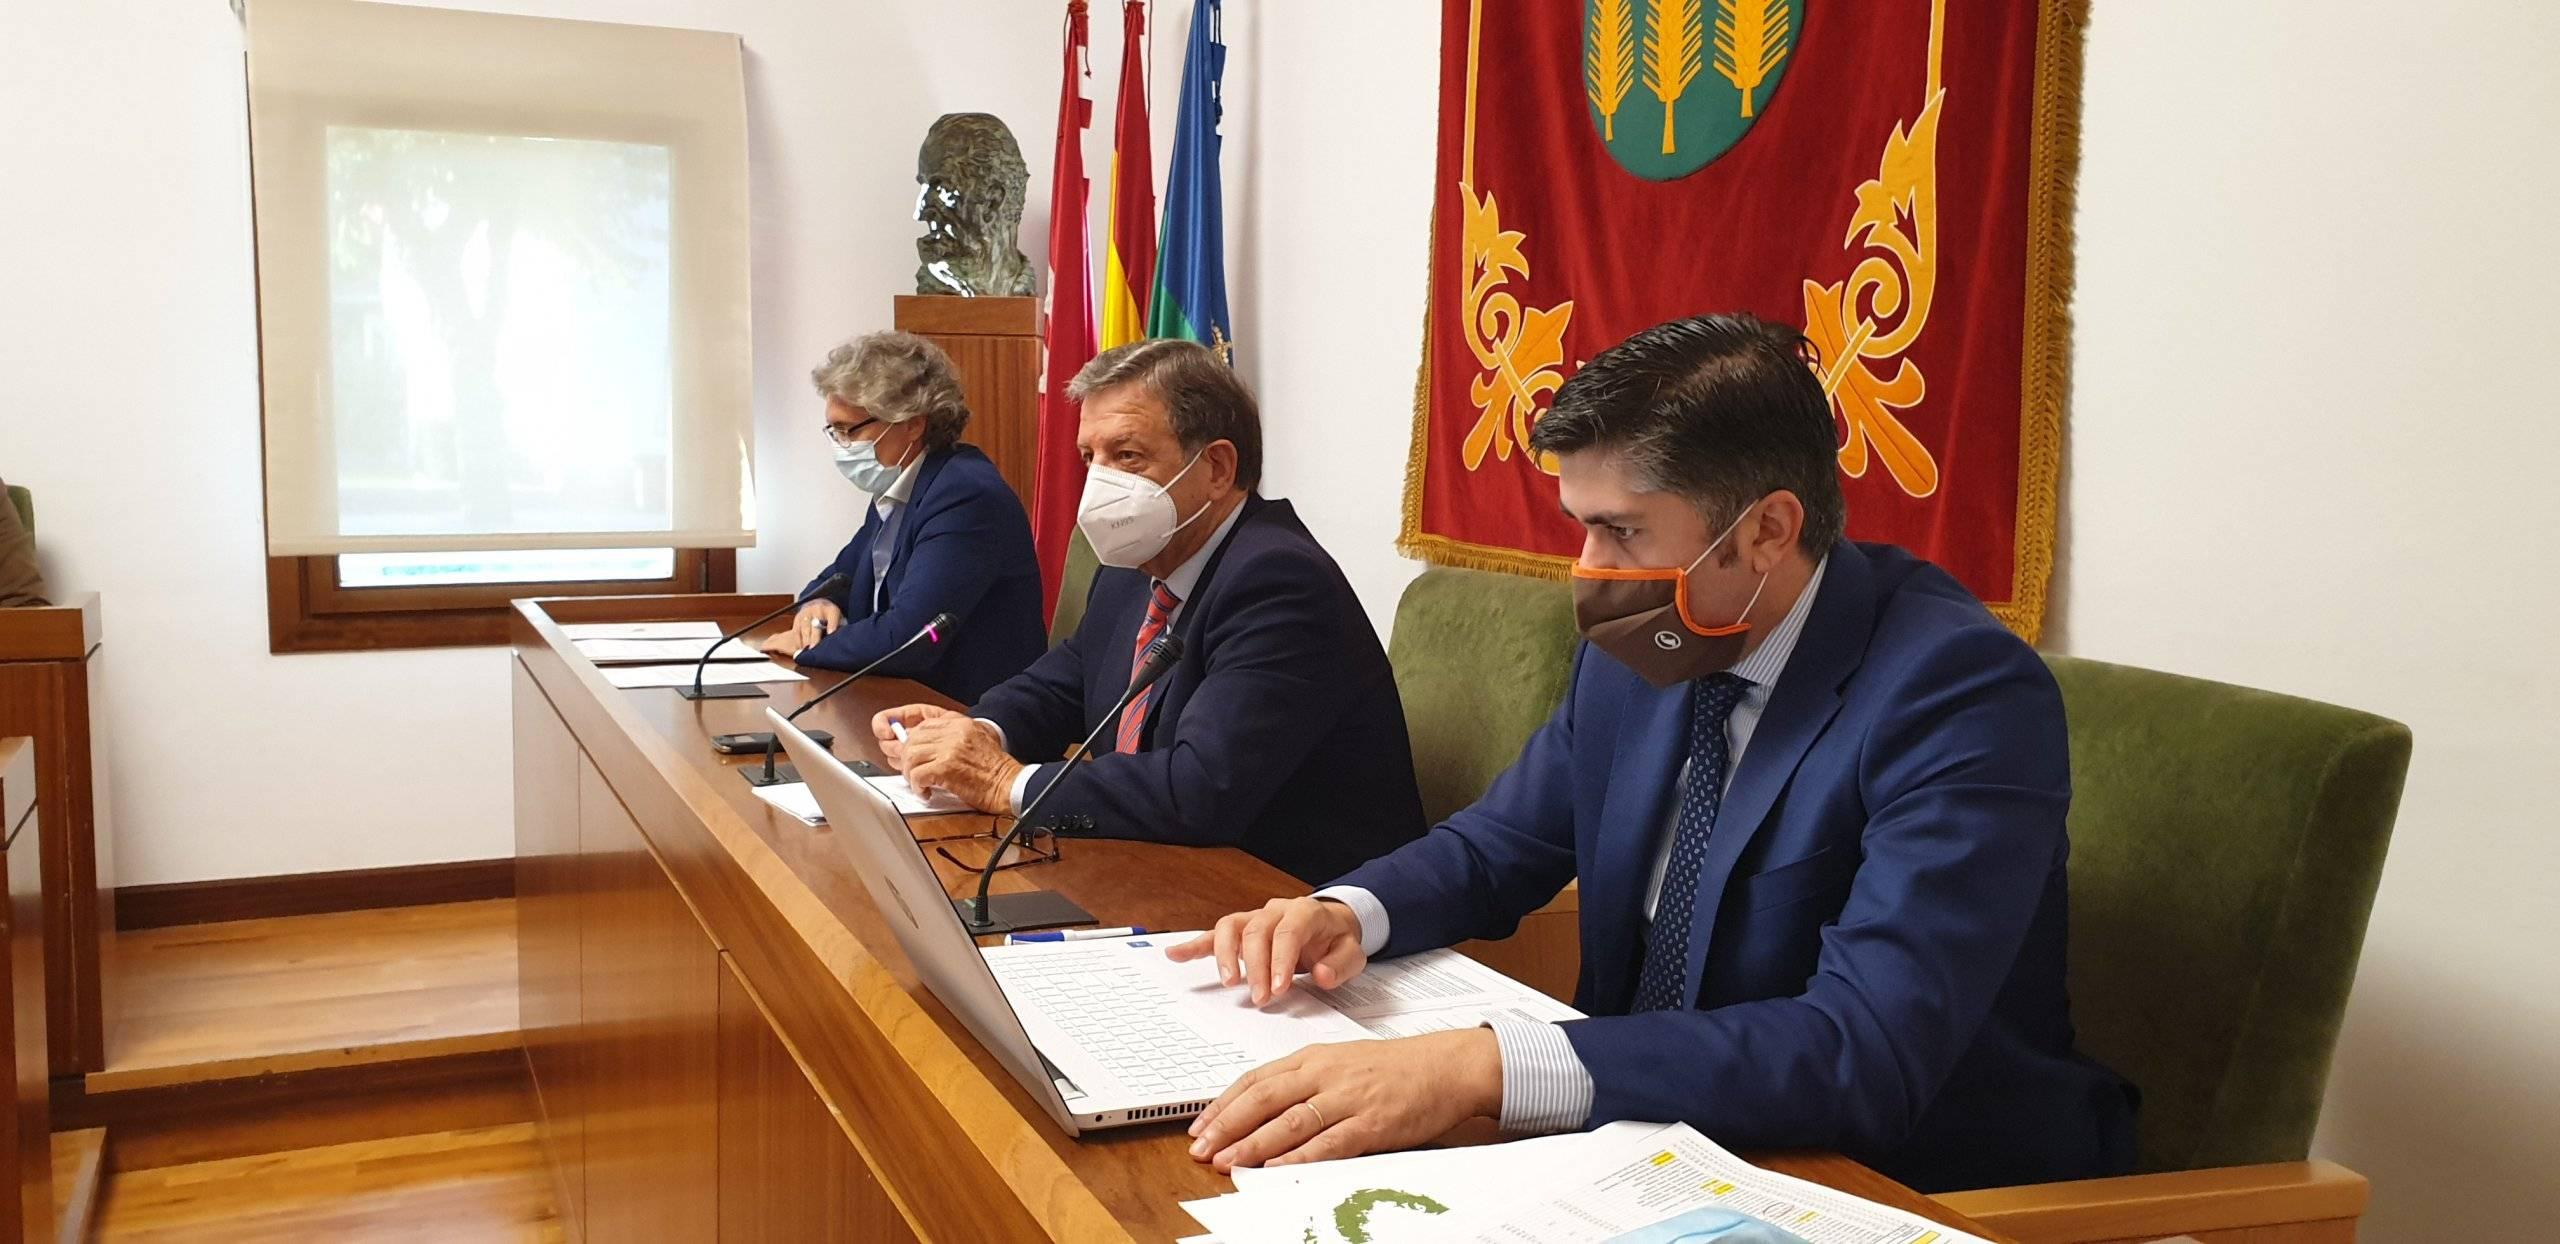 El alcalde junto al secretario y el interventor del Ayuntamiento.